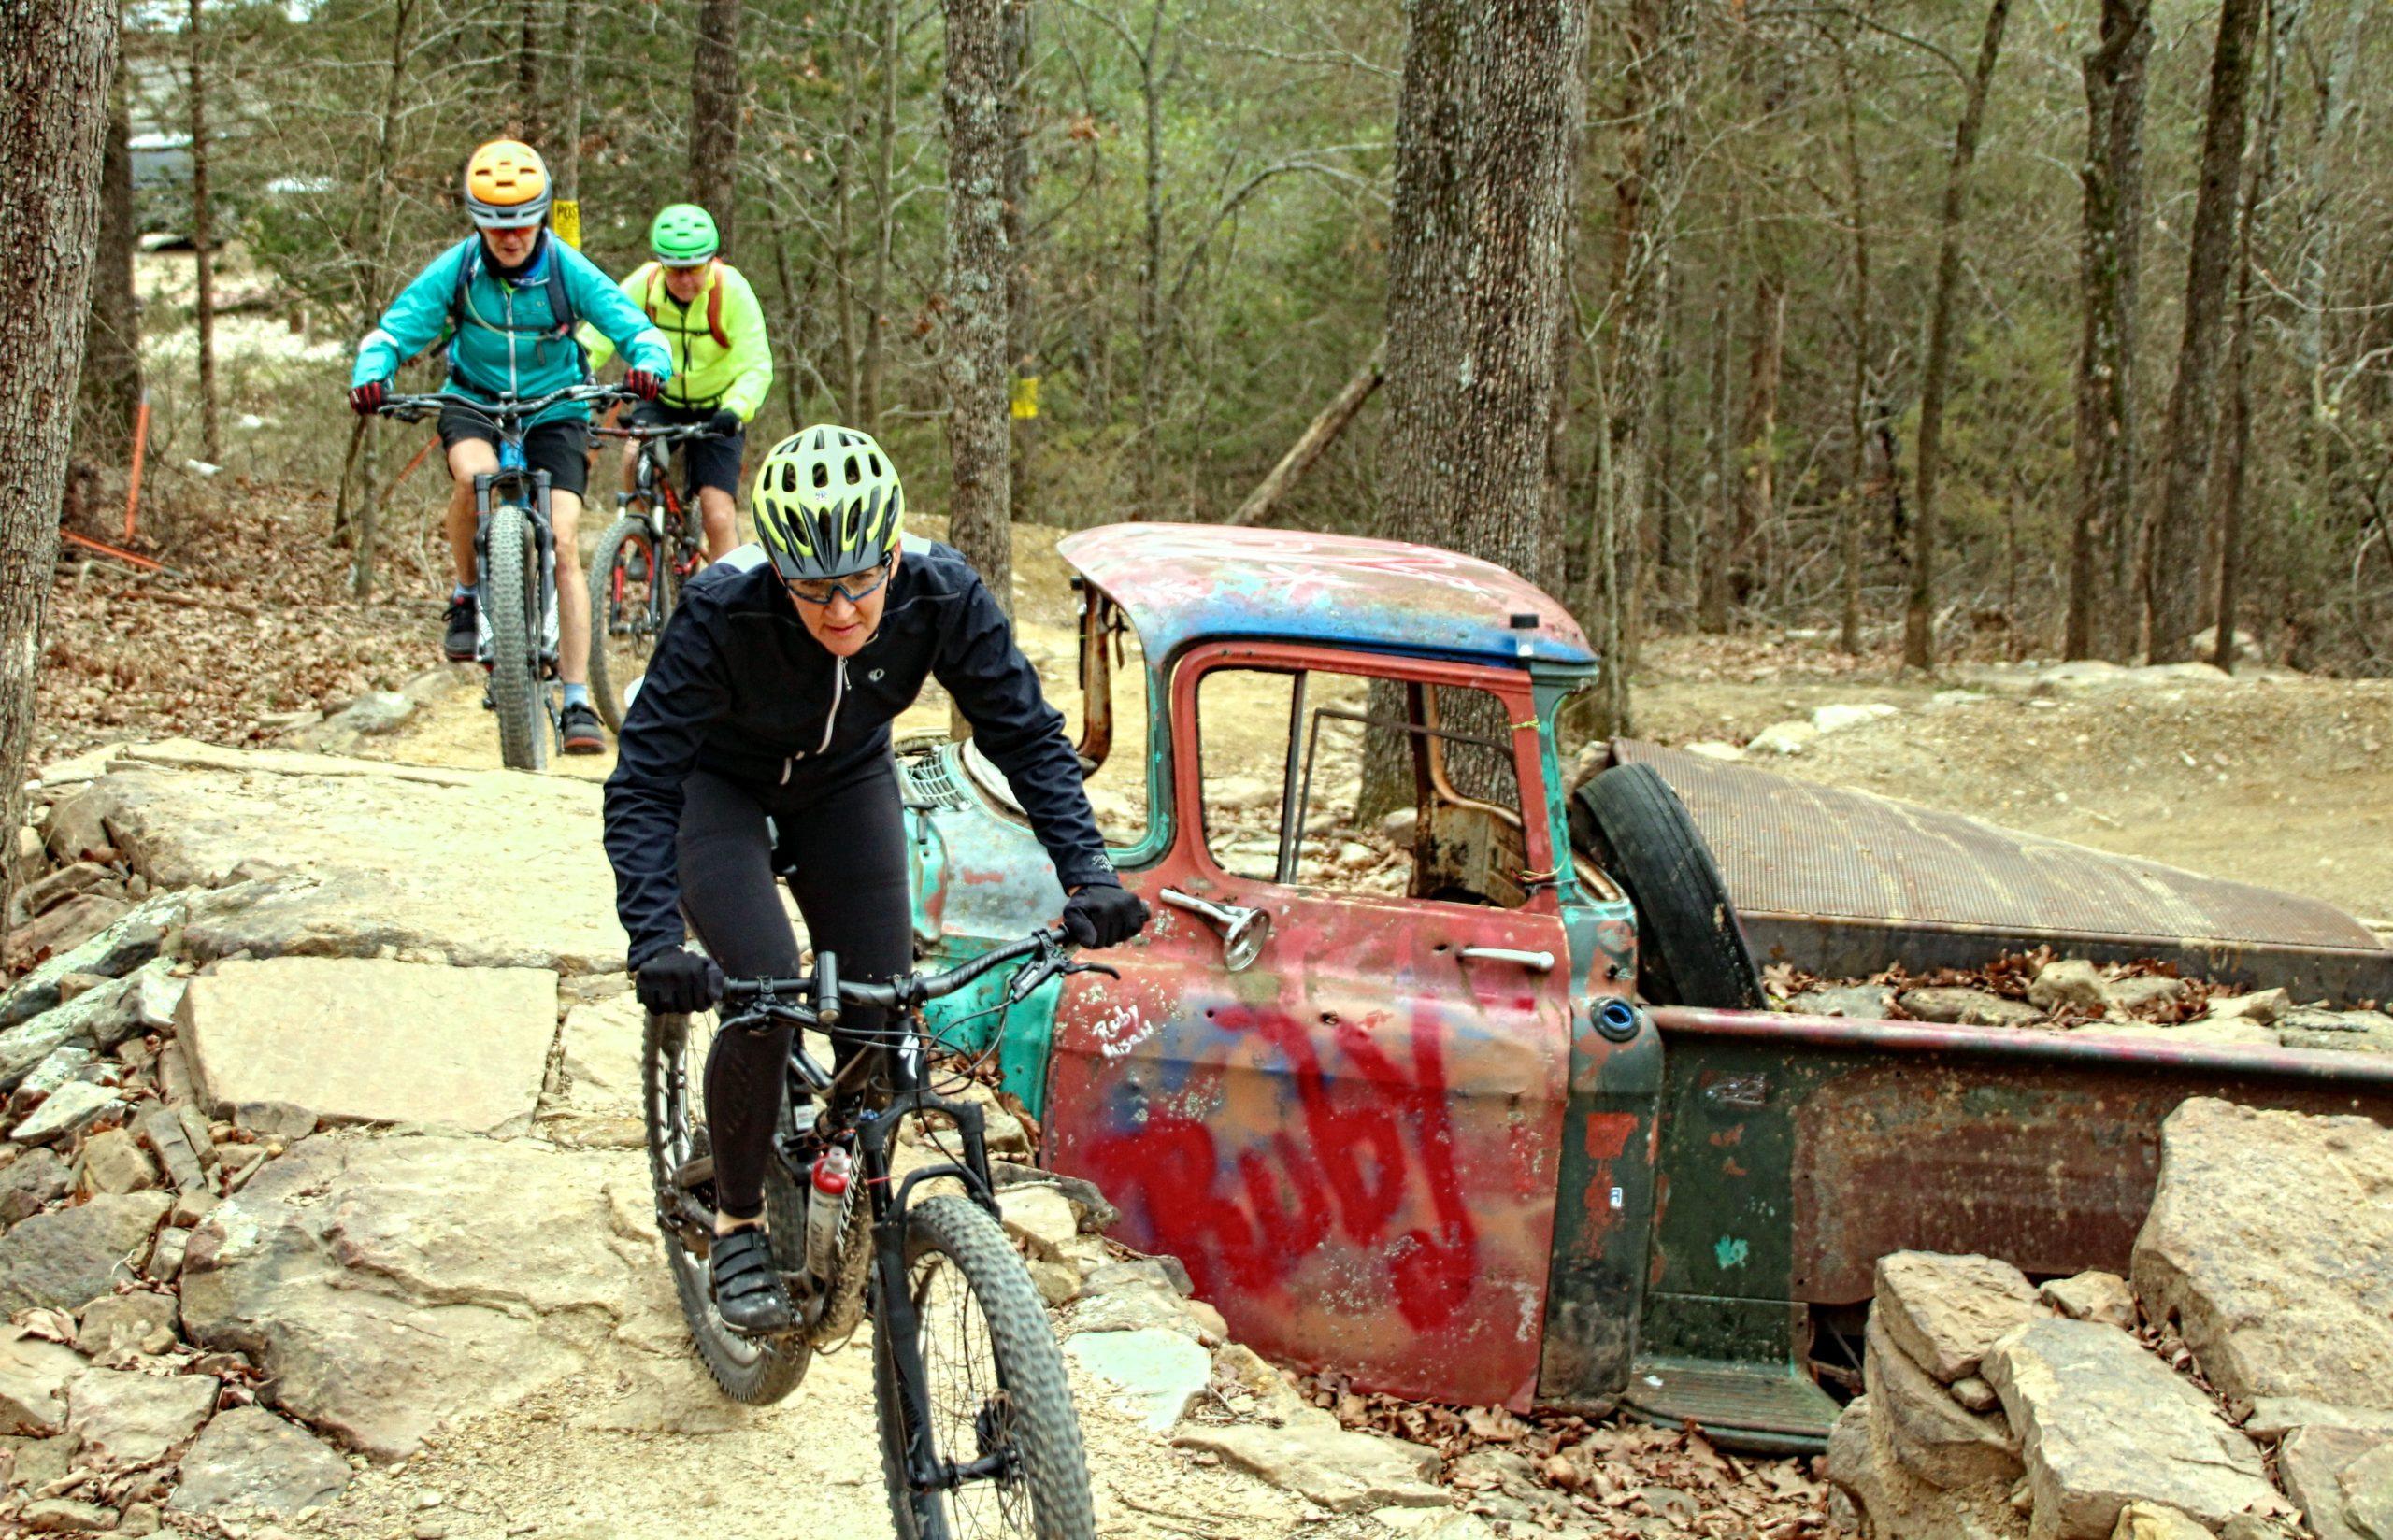 A New World-class, European Style XC Race Course Lands at Centennial Park in Arkansas - Singletracks Mountain Bike News